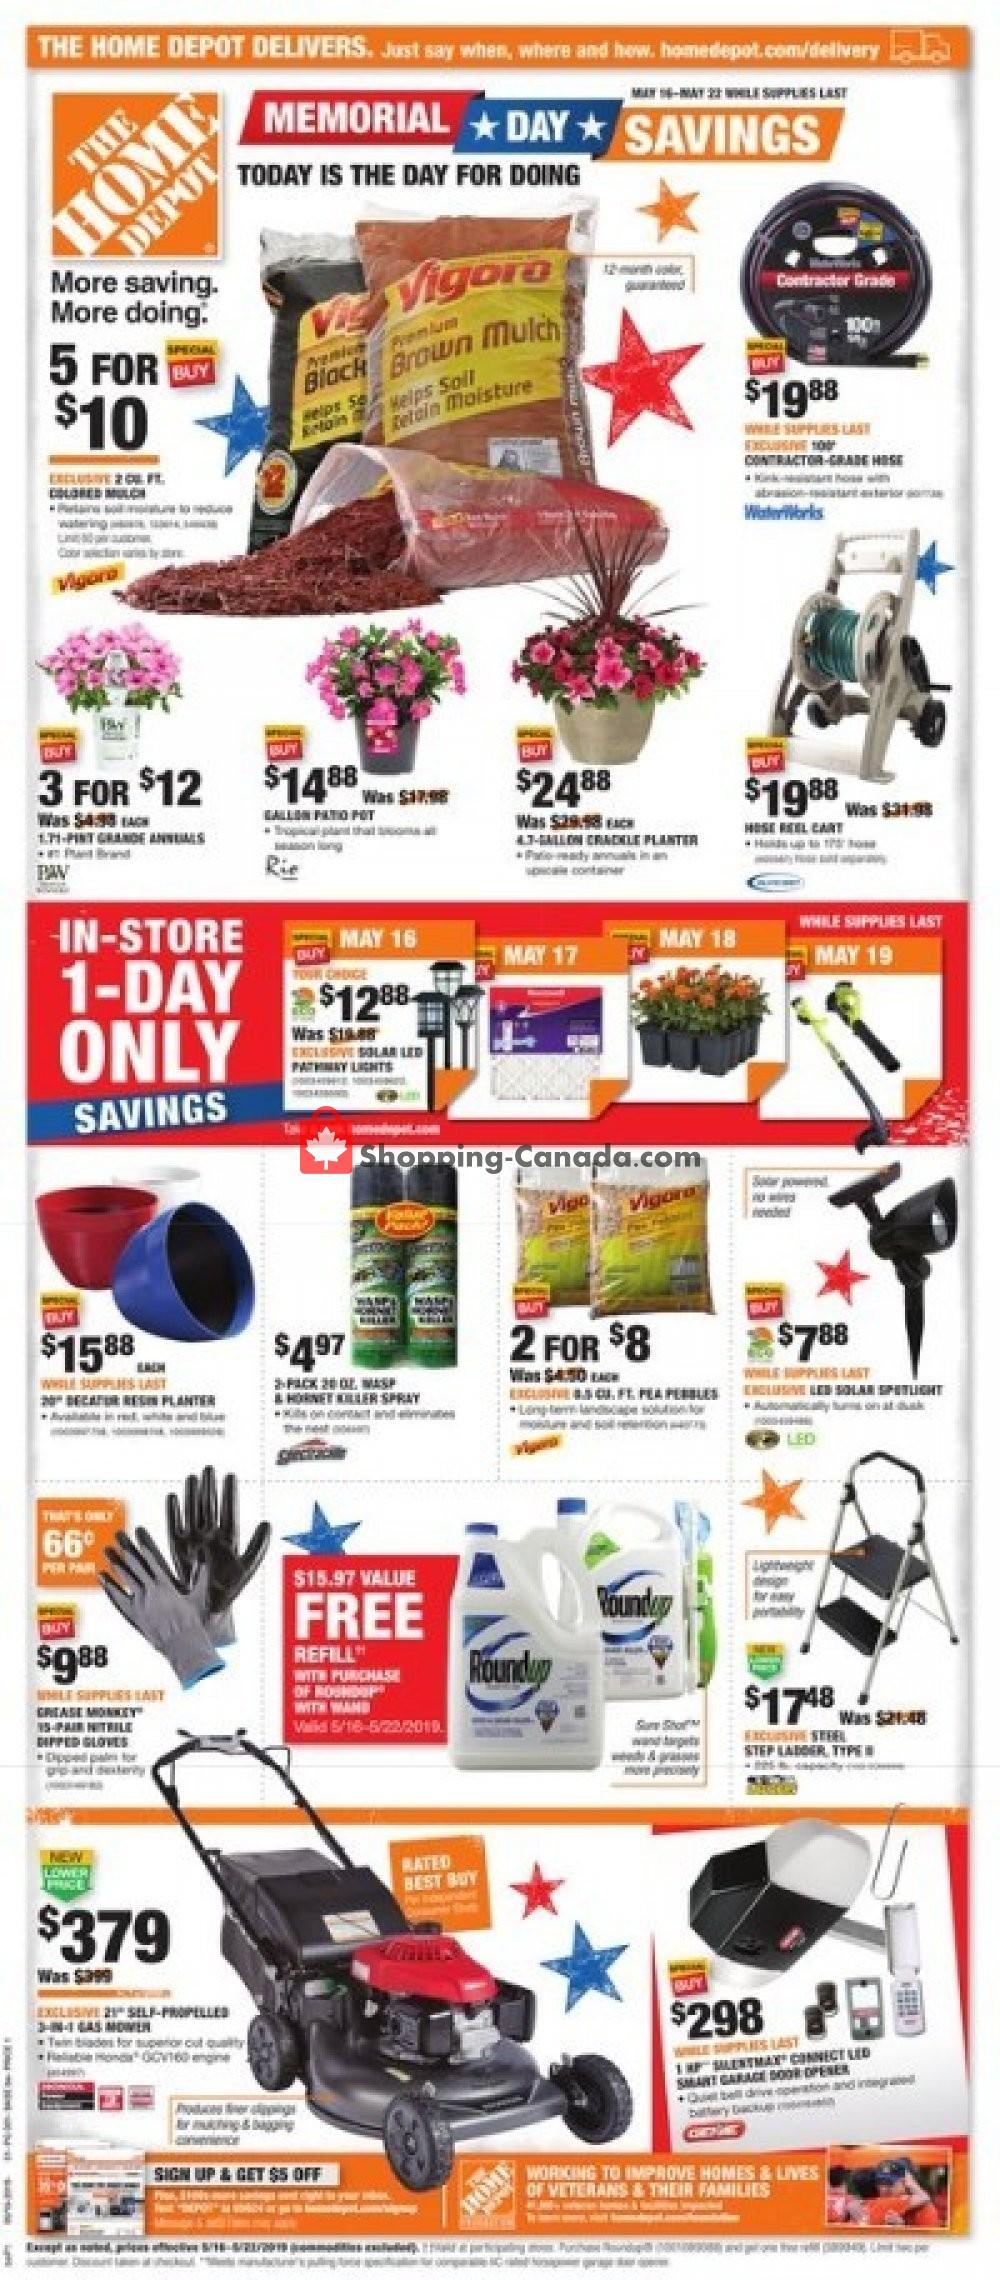 Home Depot Canada Flyer Memorial Day Savings May 16 May 22